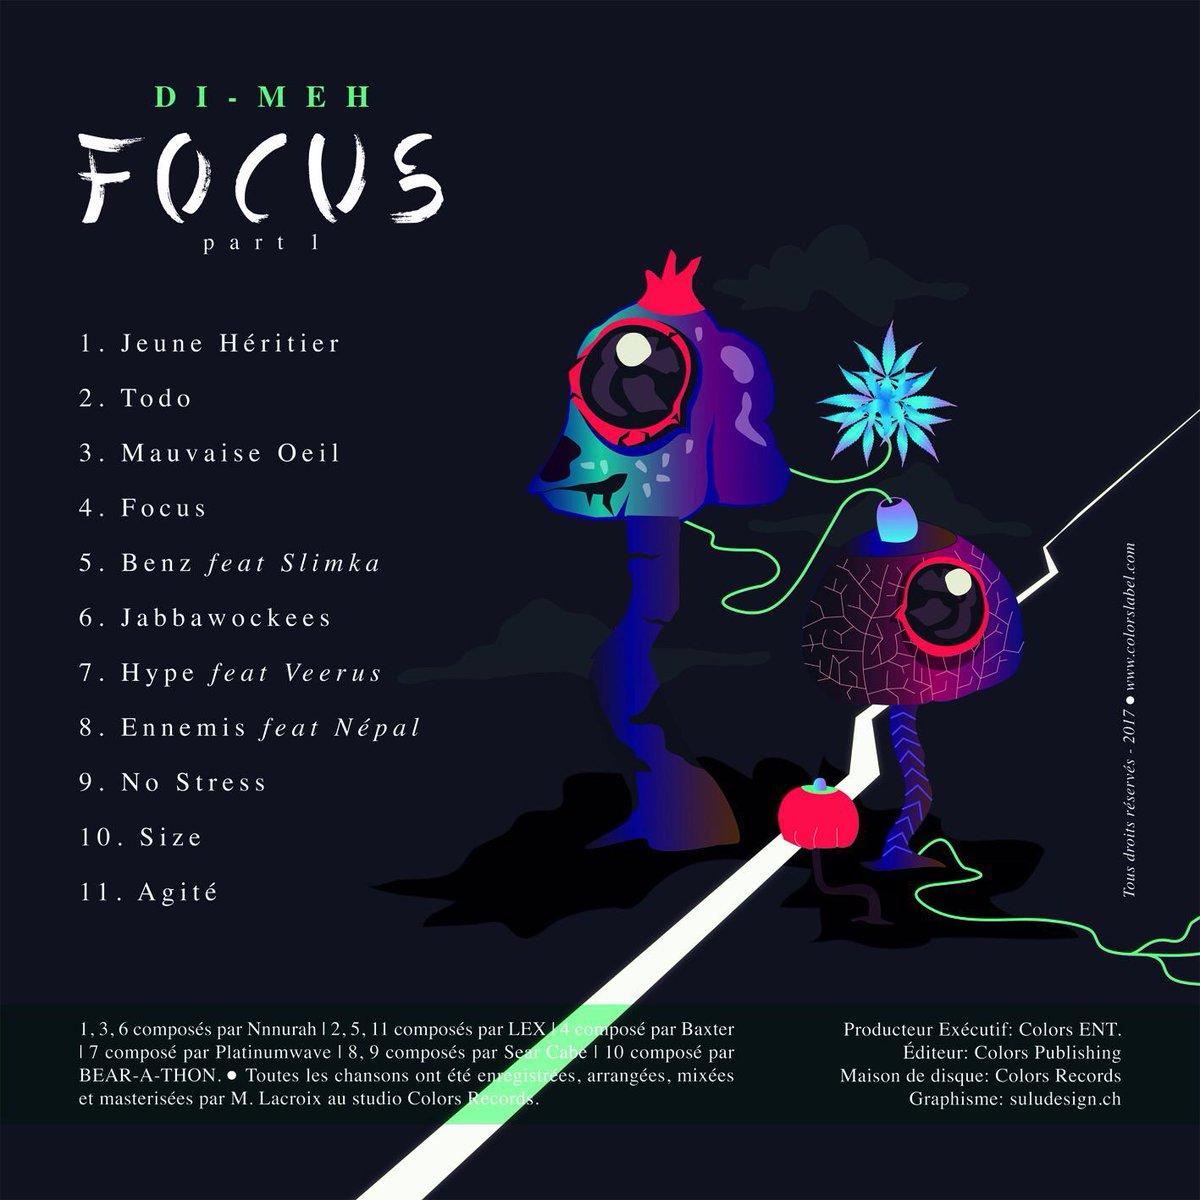 di-meh focus